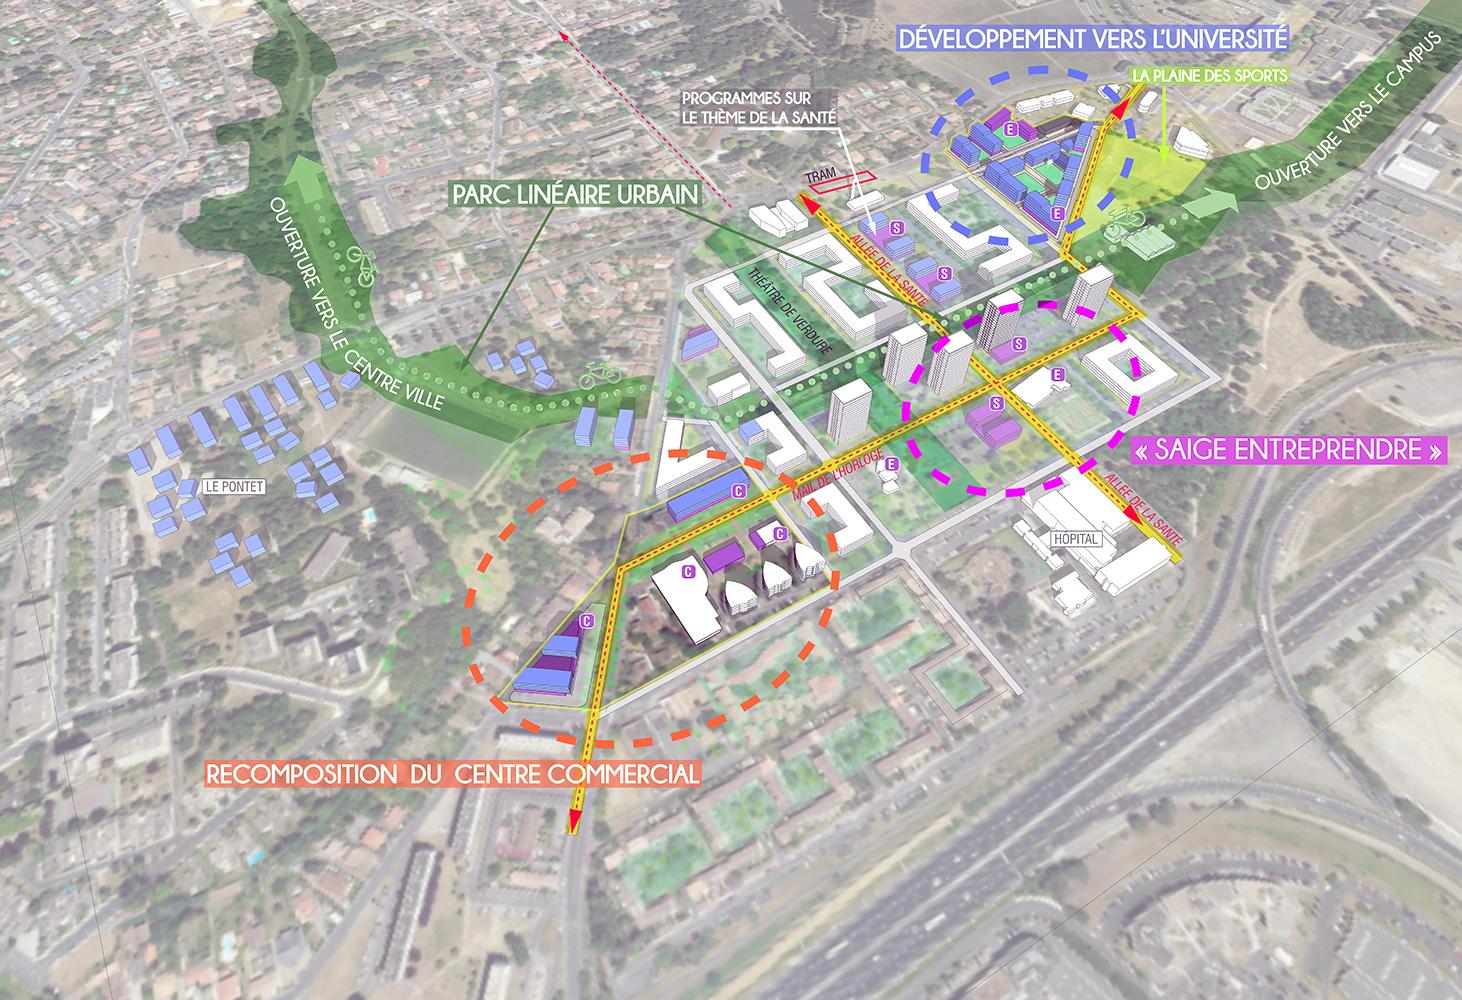 Etude stratégique préalable au renouvellement urbain du quartier de Saige